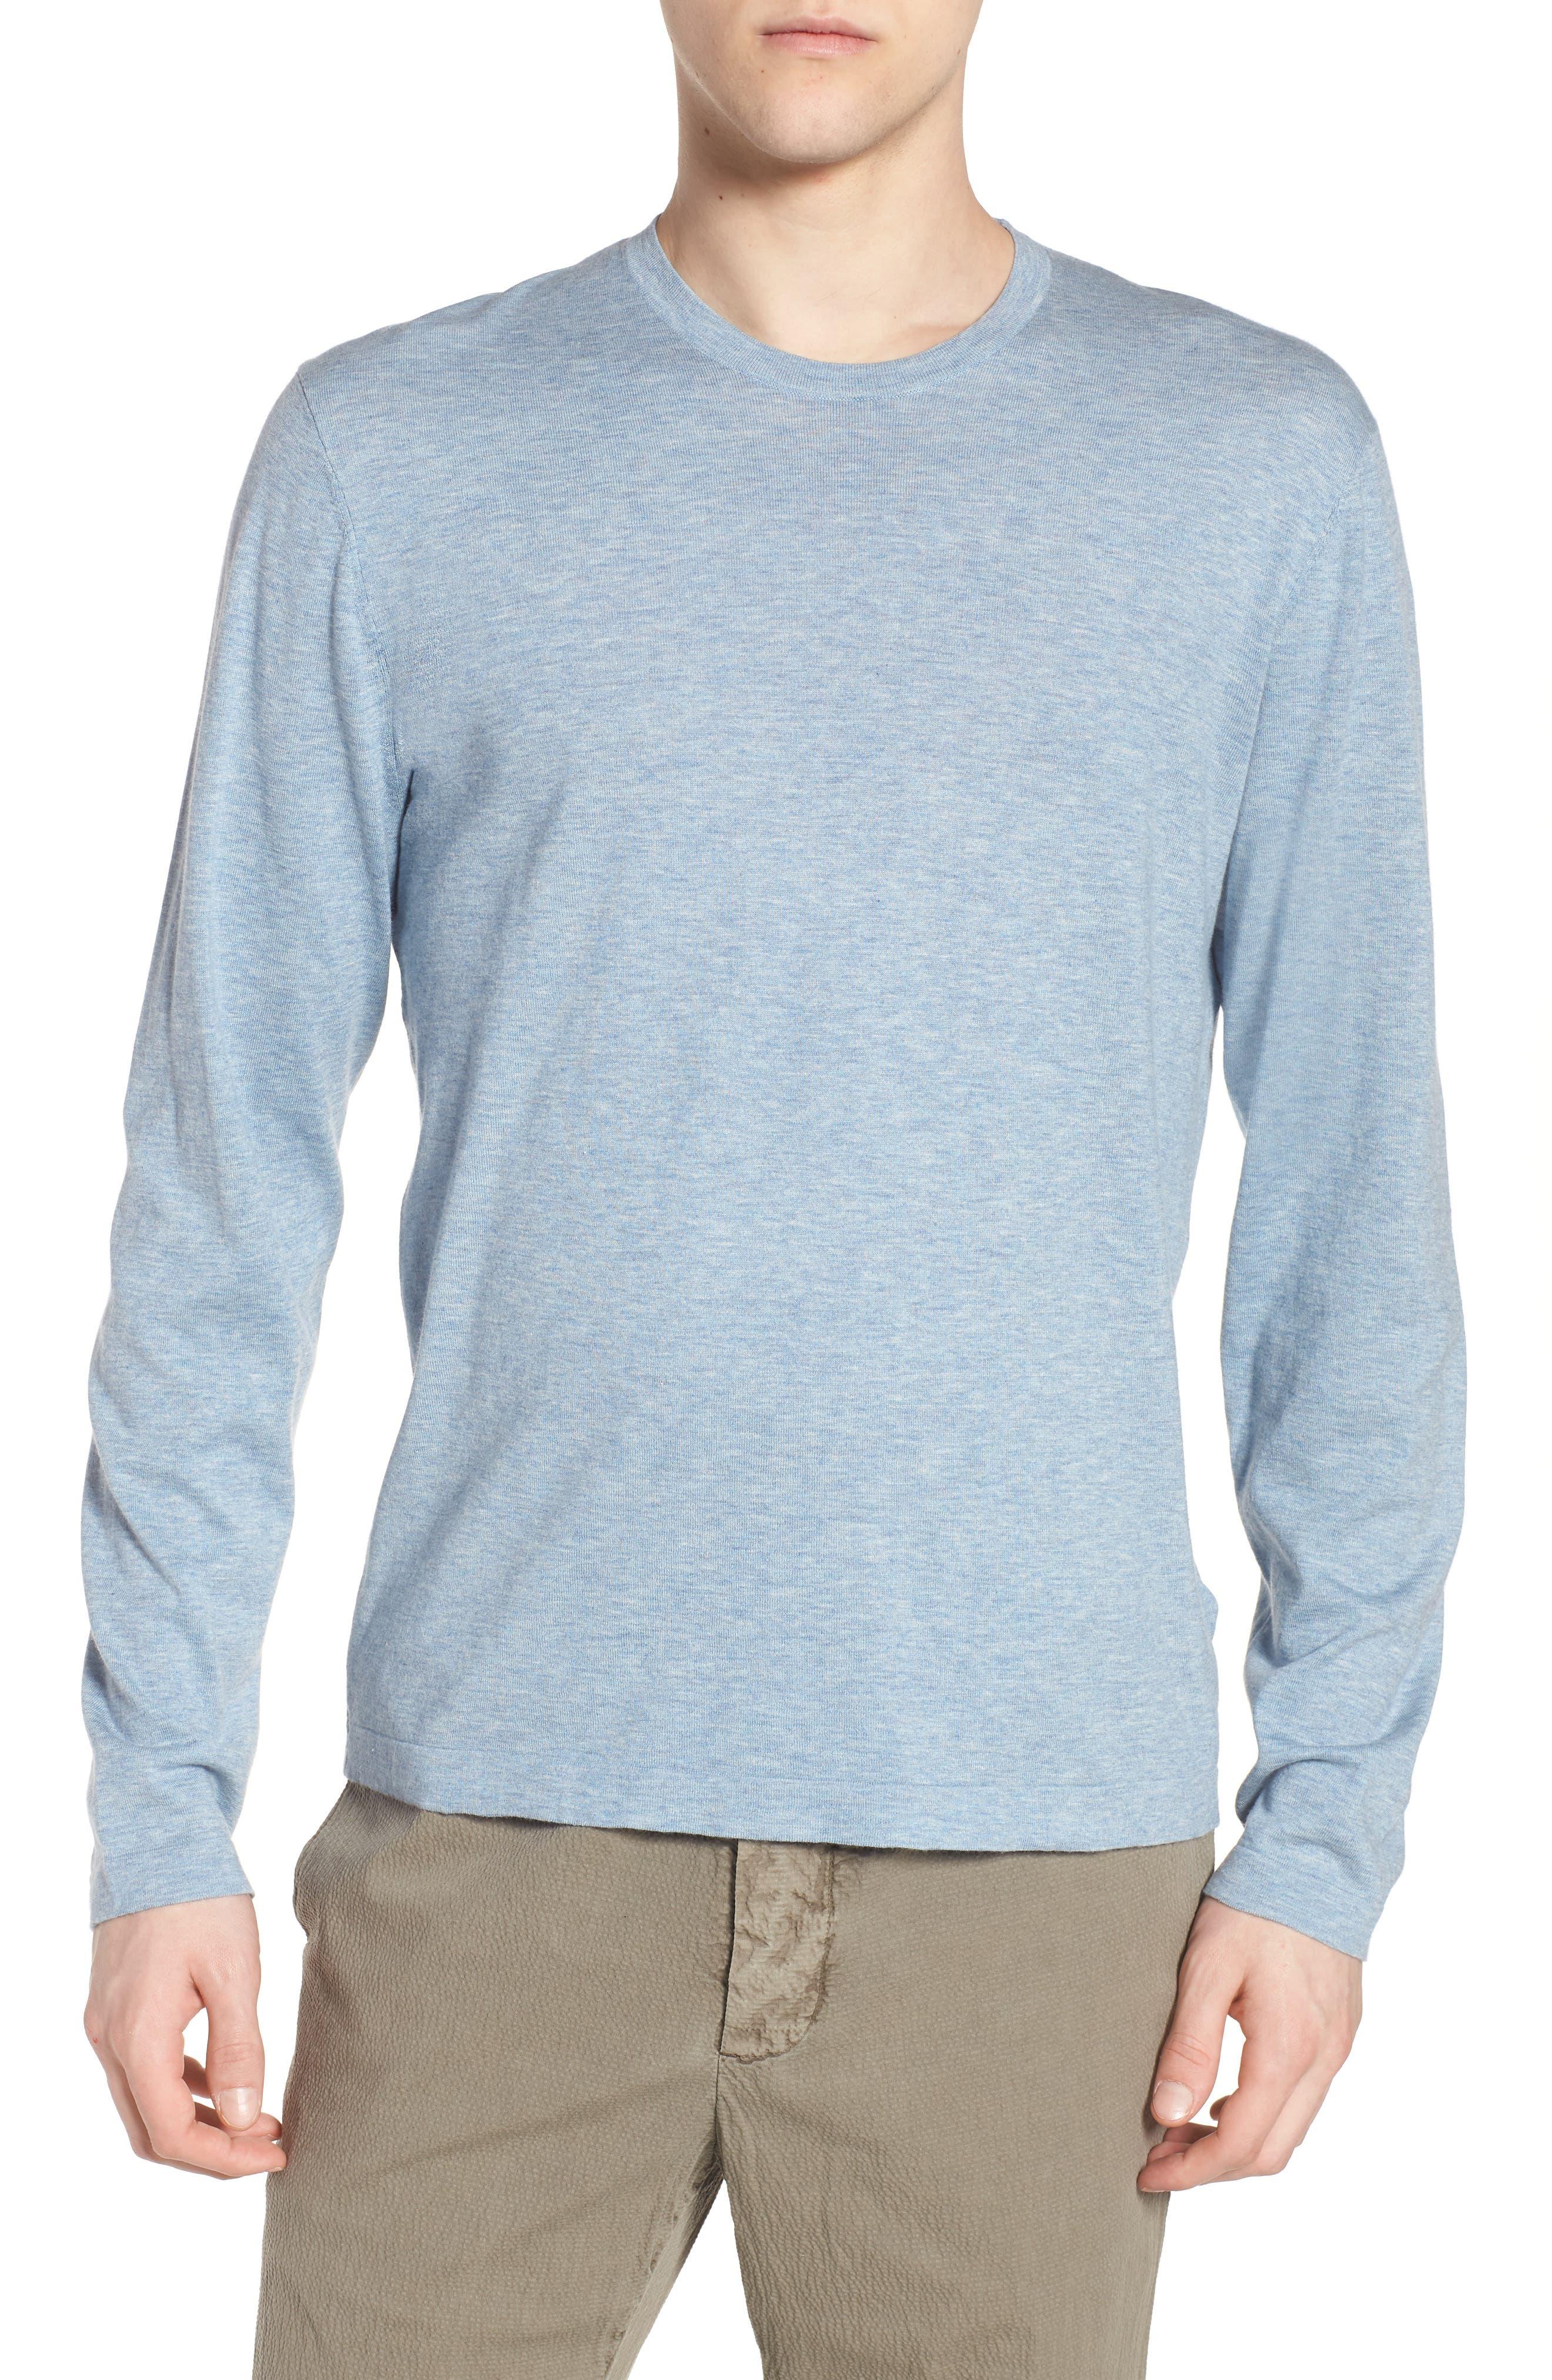 Fine Gauge Crewneck Sweater,                         Main,                         color, Heather Sky Blue